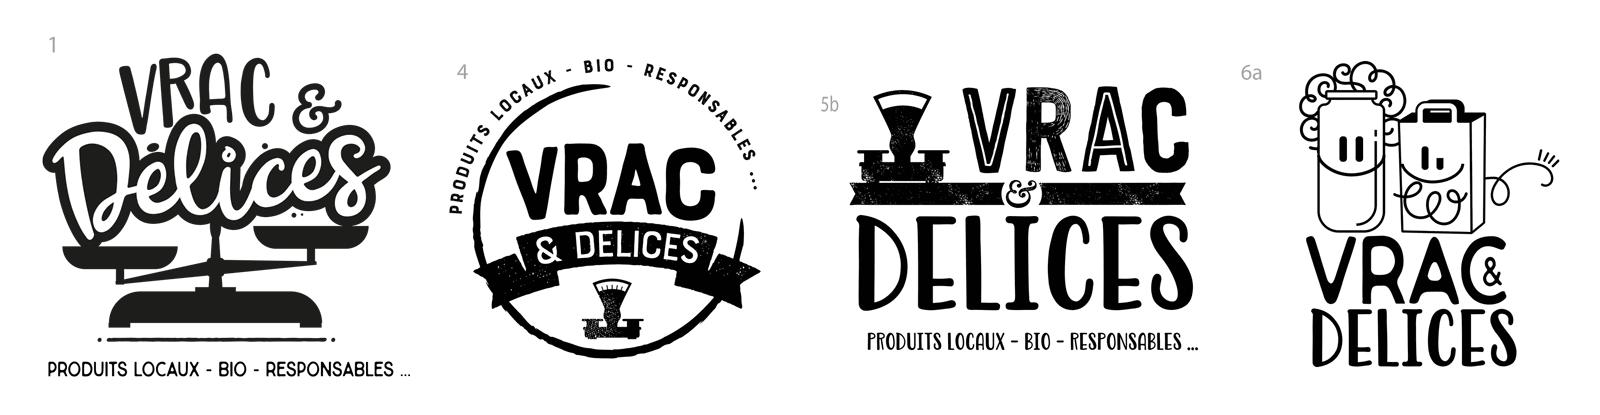 Propositions de logo Vrac & Délices